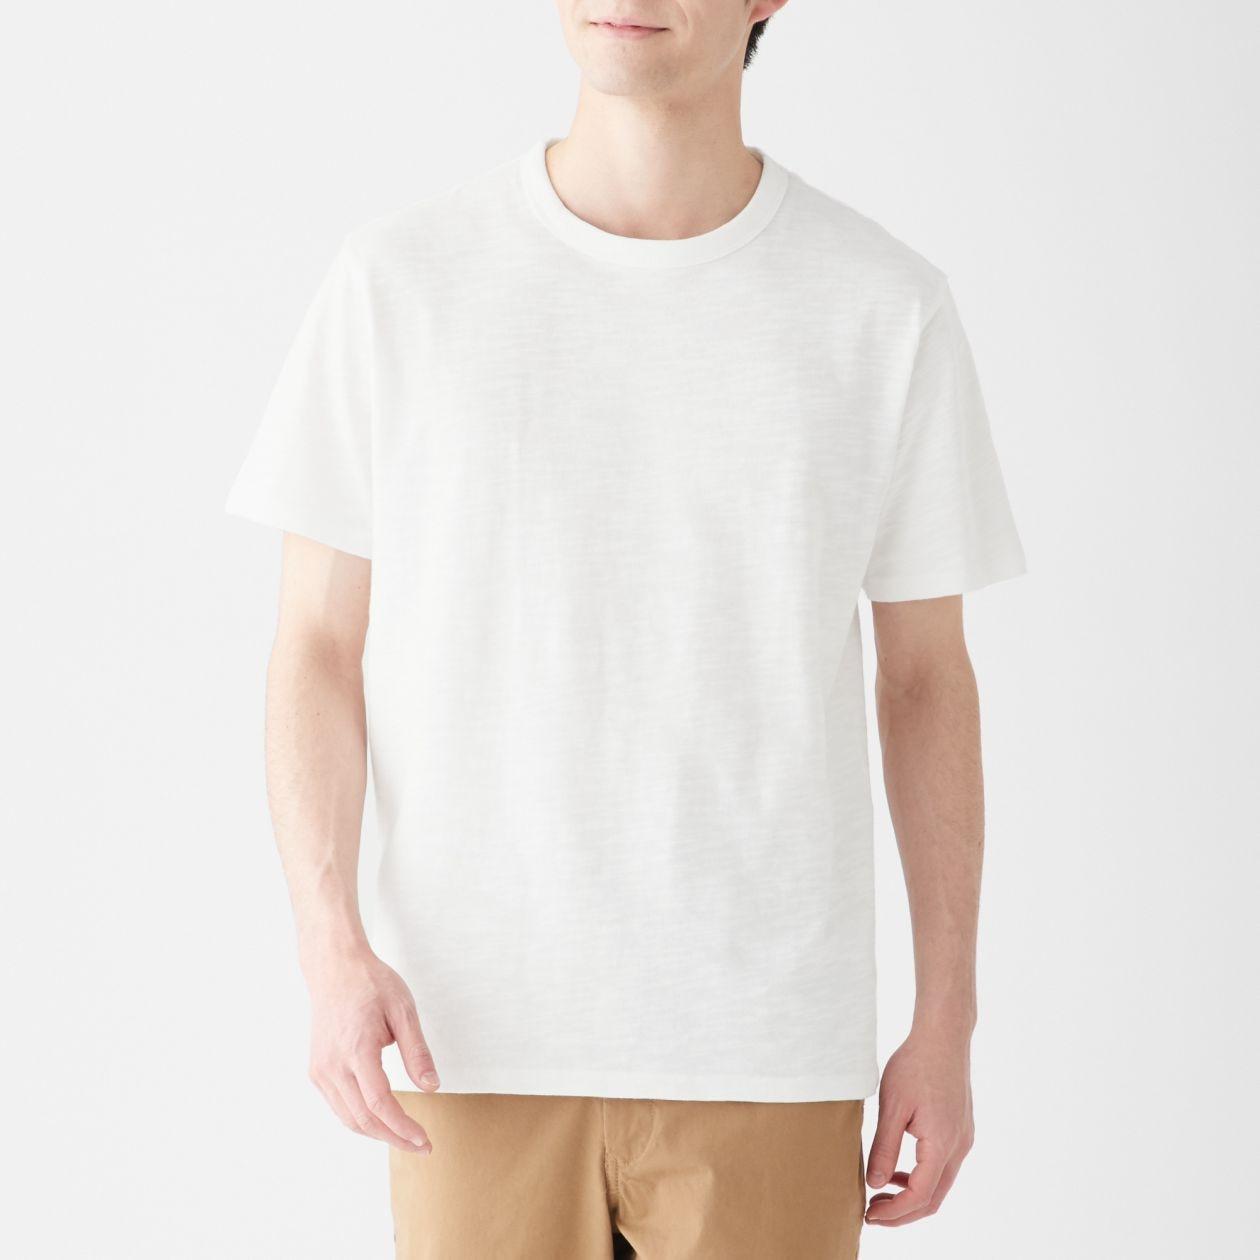 インド綿ムラ糸クルーネック半袖Tシャツ